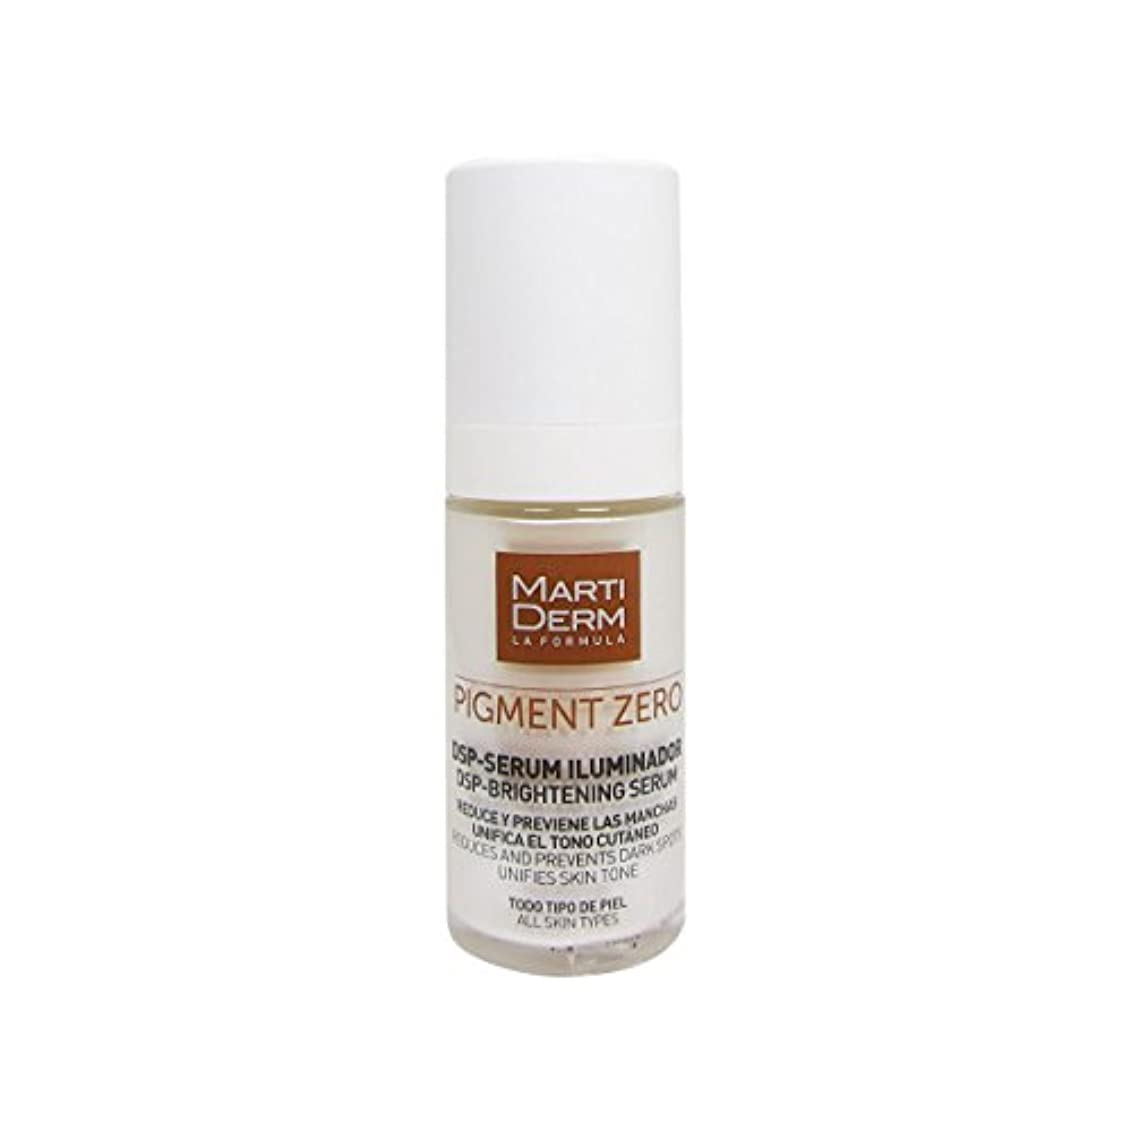 割るガソリンを除くMartiderm Pigment Zero Dsp-brightening Serum 30ml [並行輸入品]